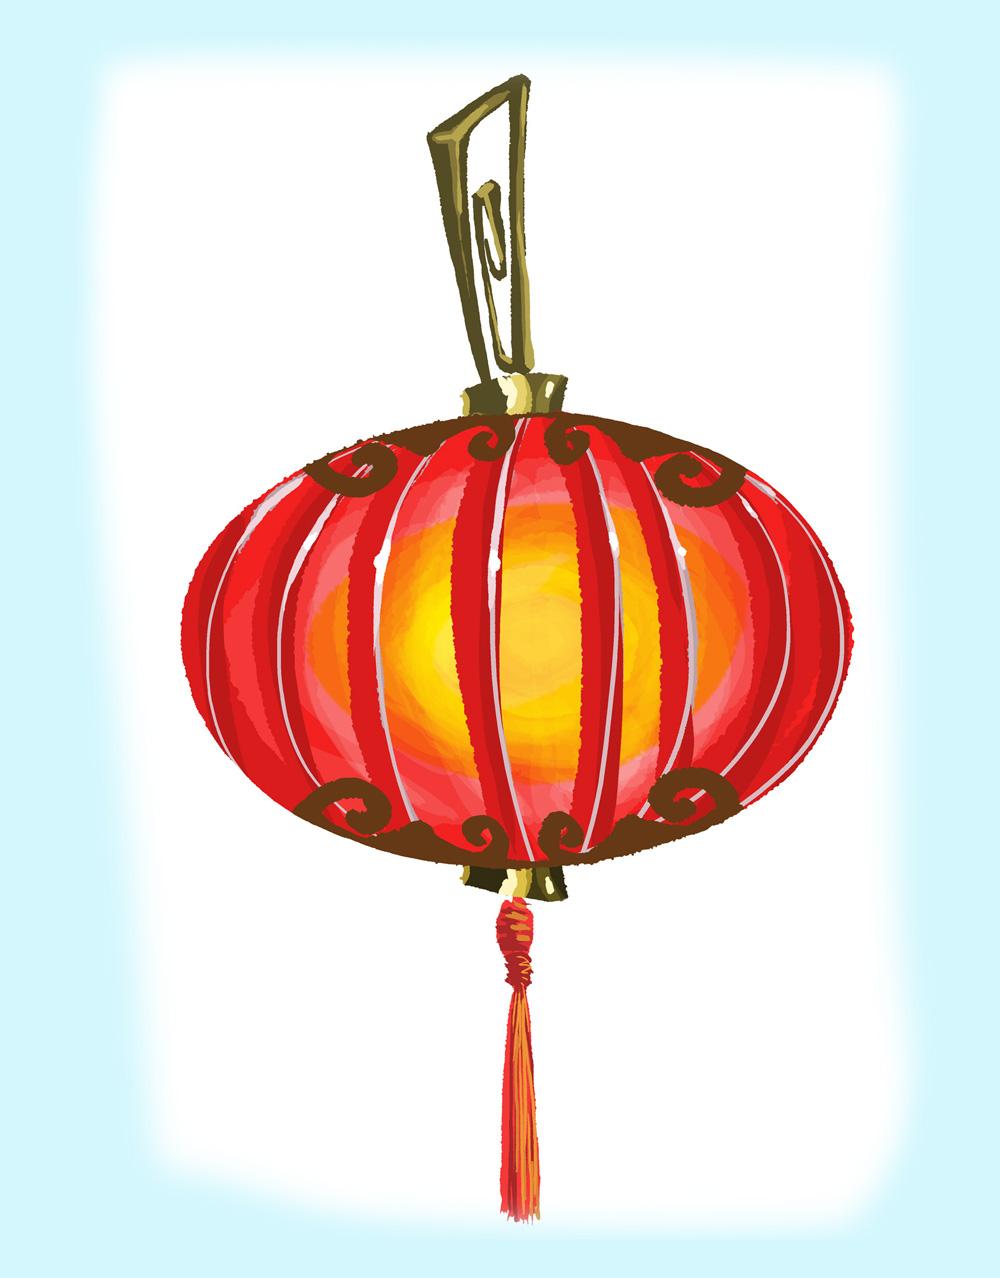 chinese - Chinese New Year Lantern